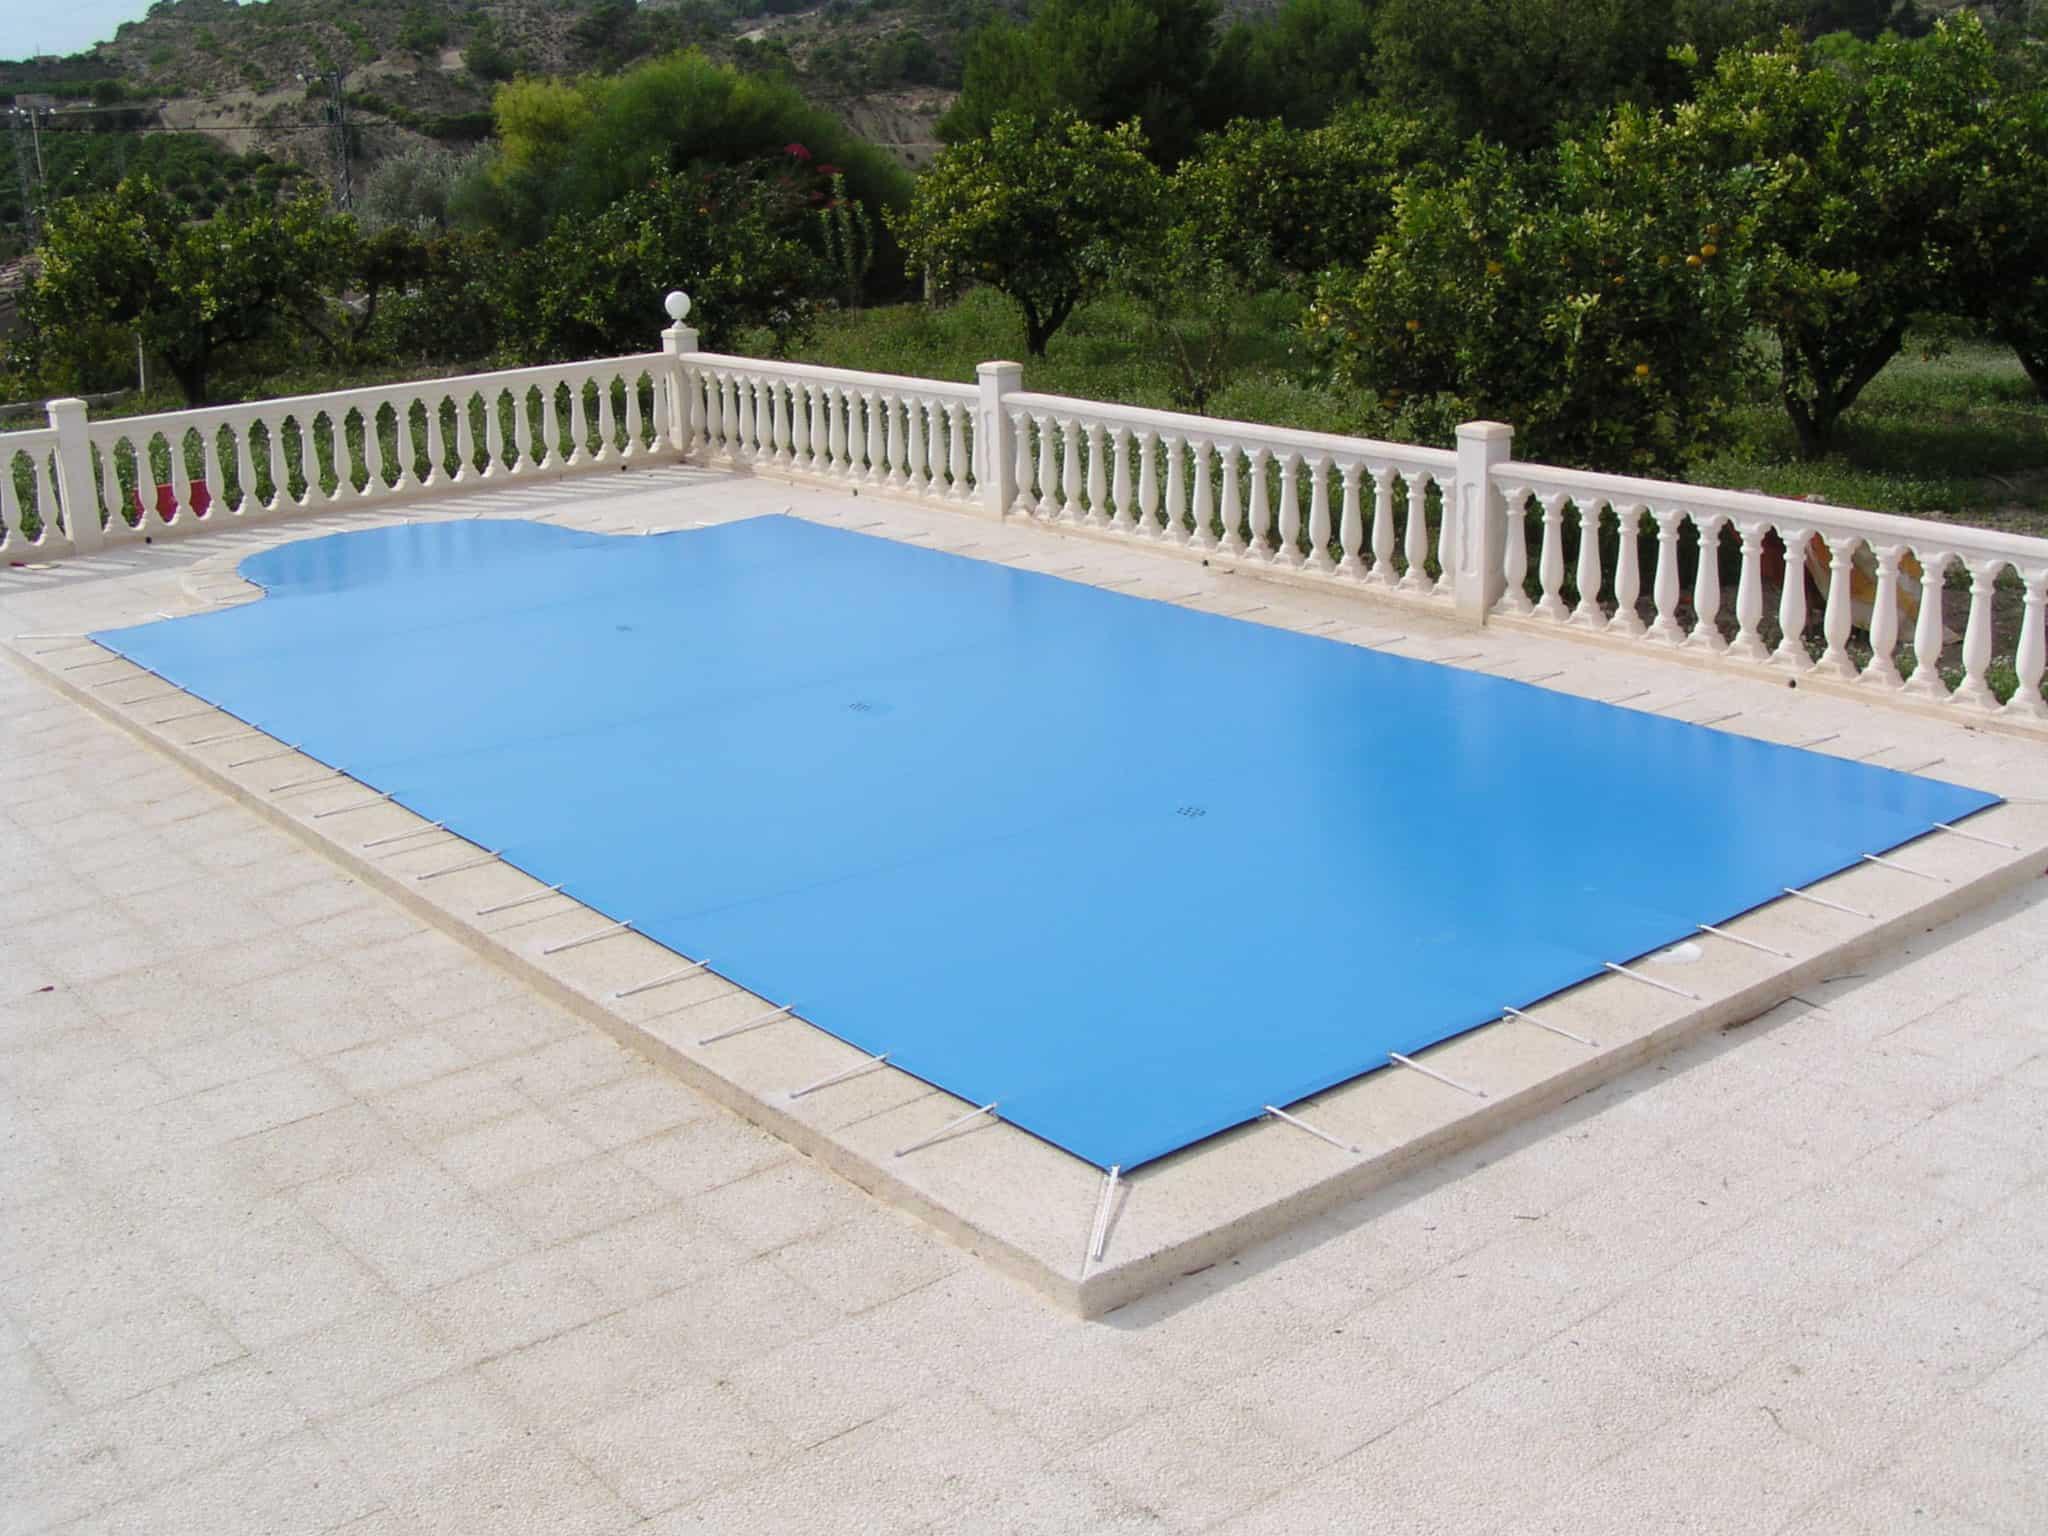 cubierta de piscina lona